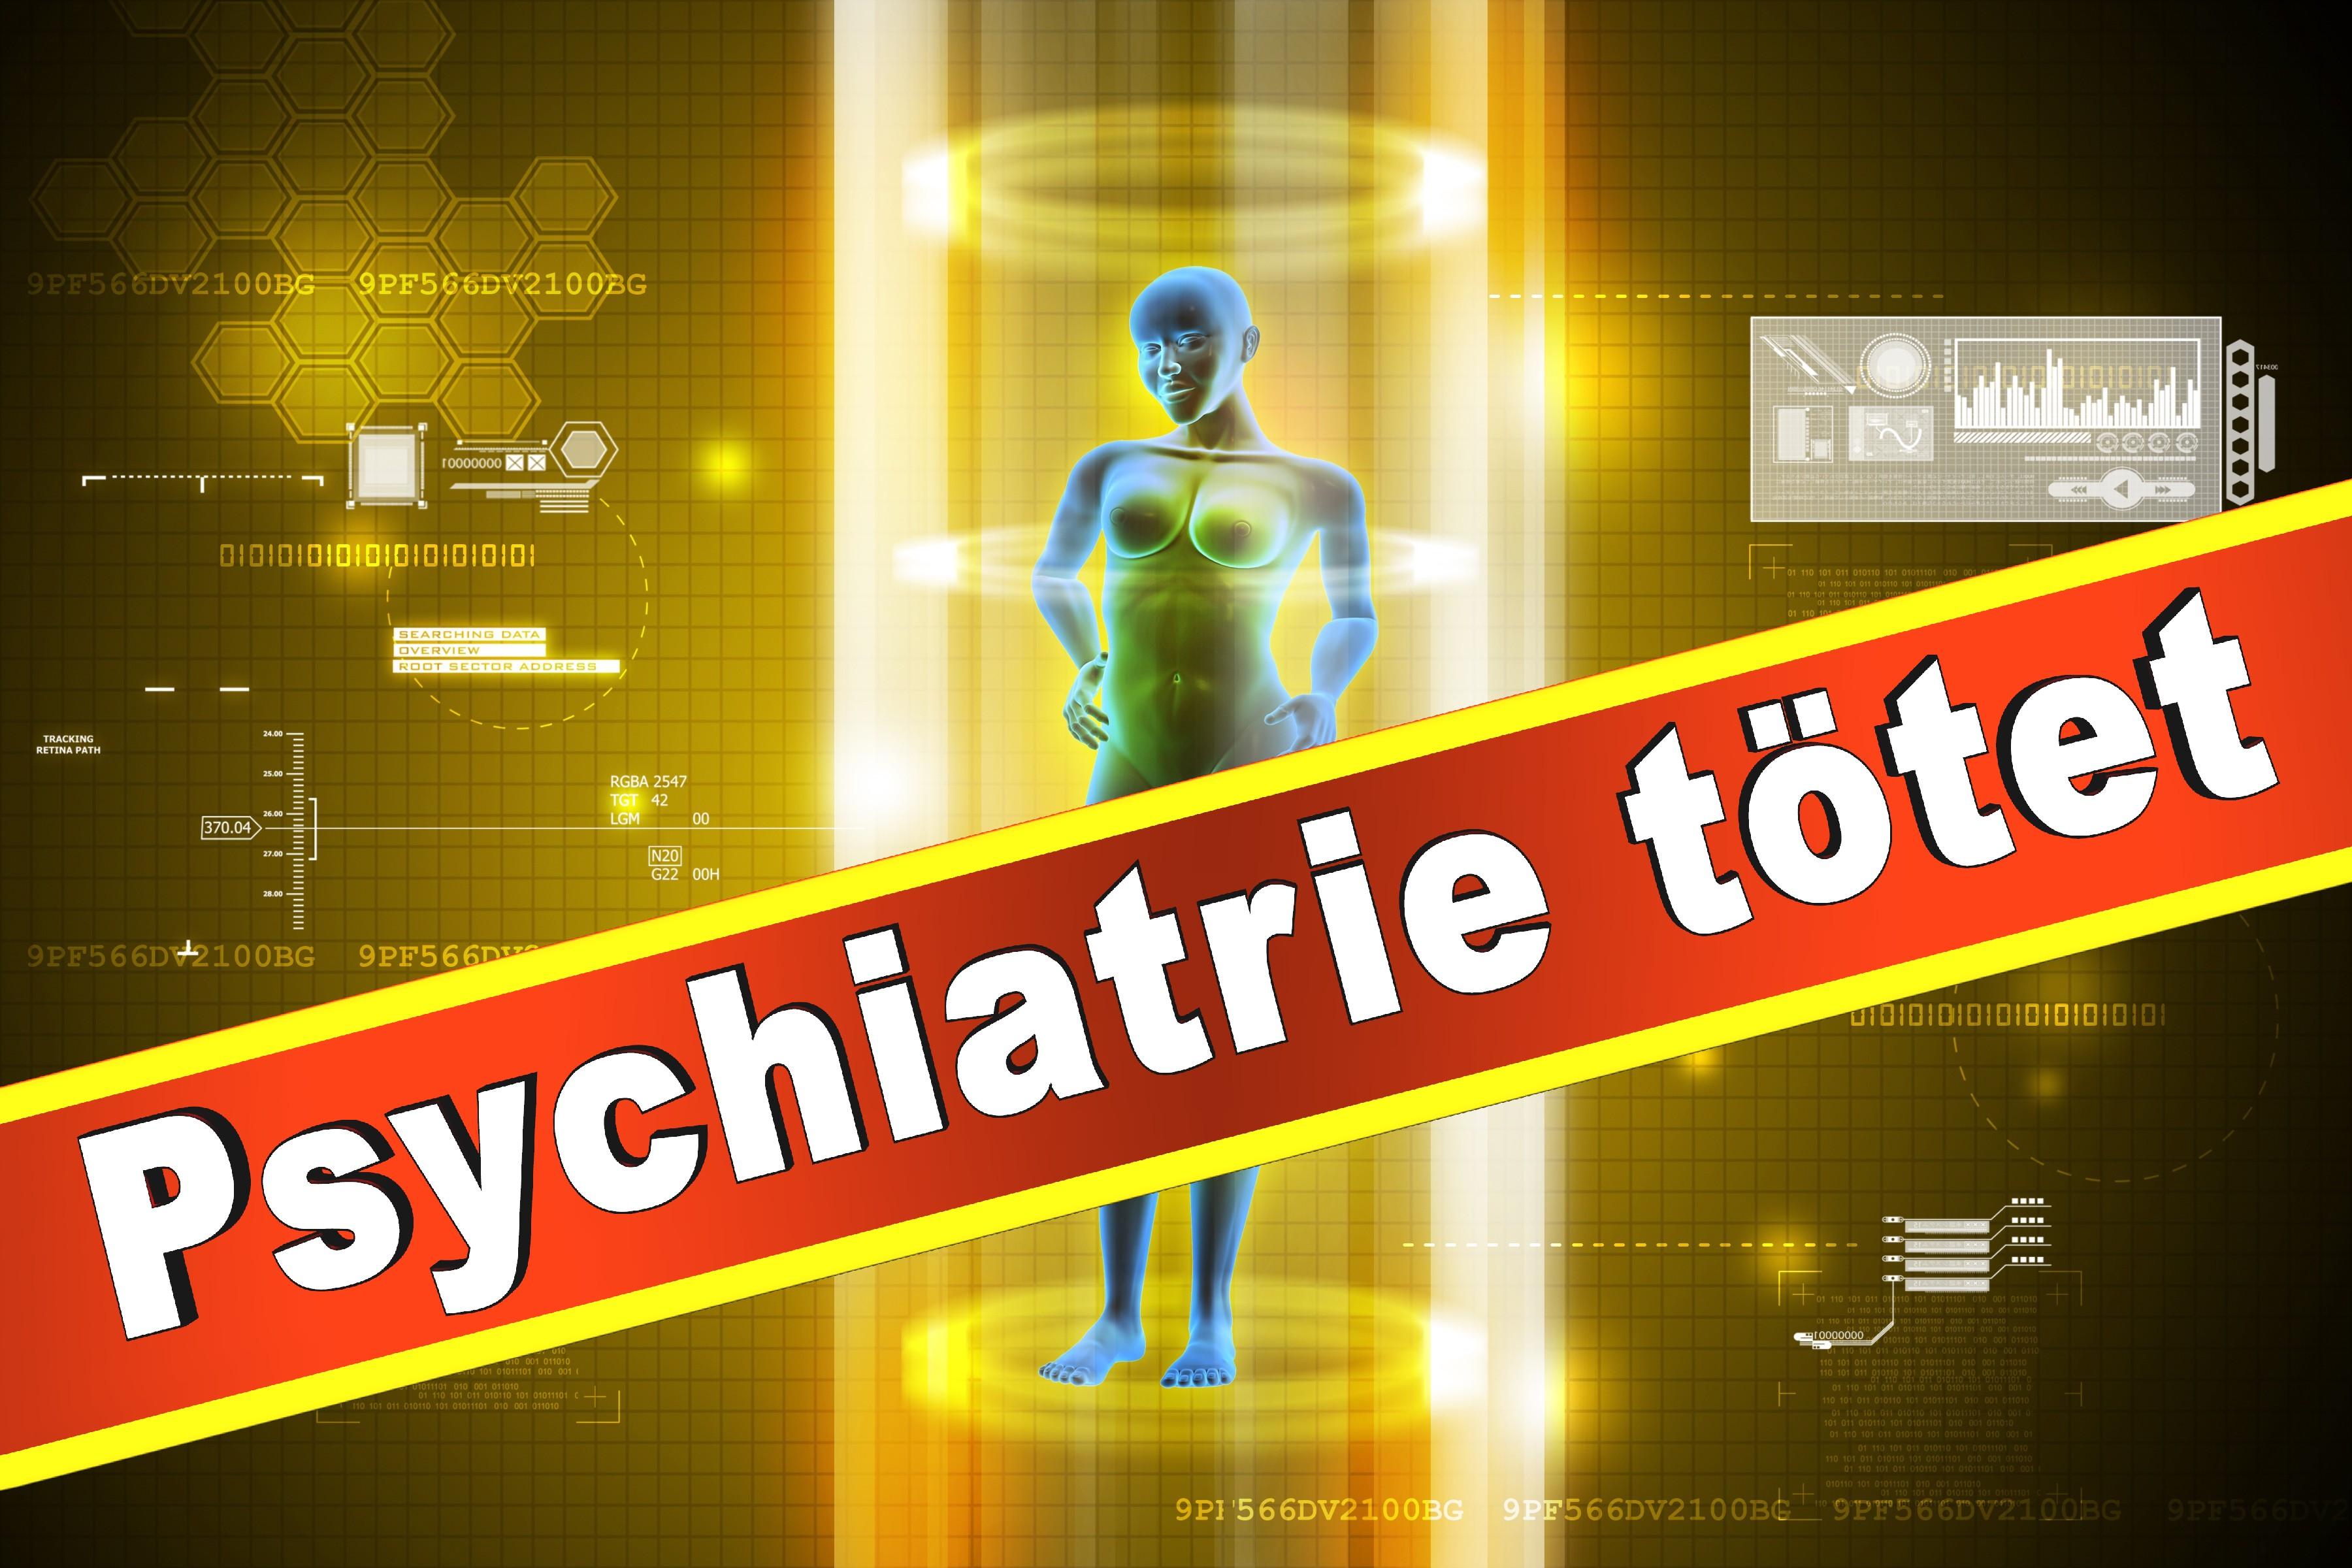 Carl Ernst Von Schönfeld Tagesklinik Medikamente Psychiatrie Tod Bethel Psychiater Korruption Gift Zwangspsychiatrie Unterbringung Friedhof Adolf Hitler Euthanasie (12)